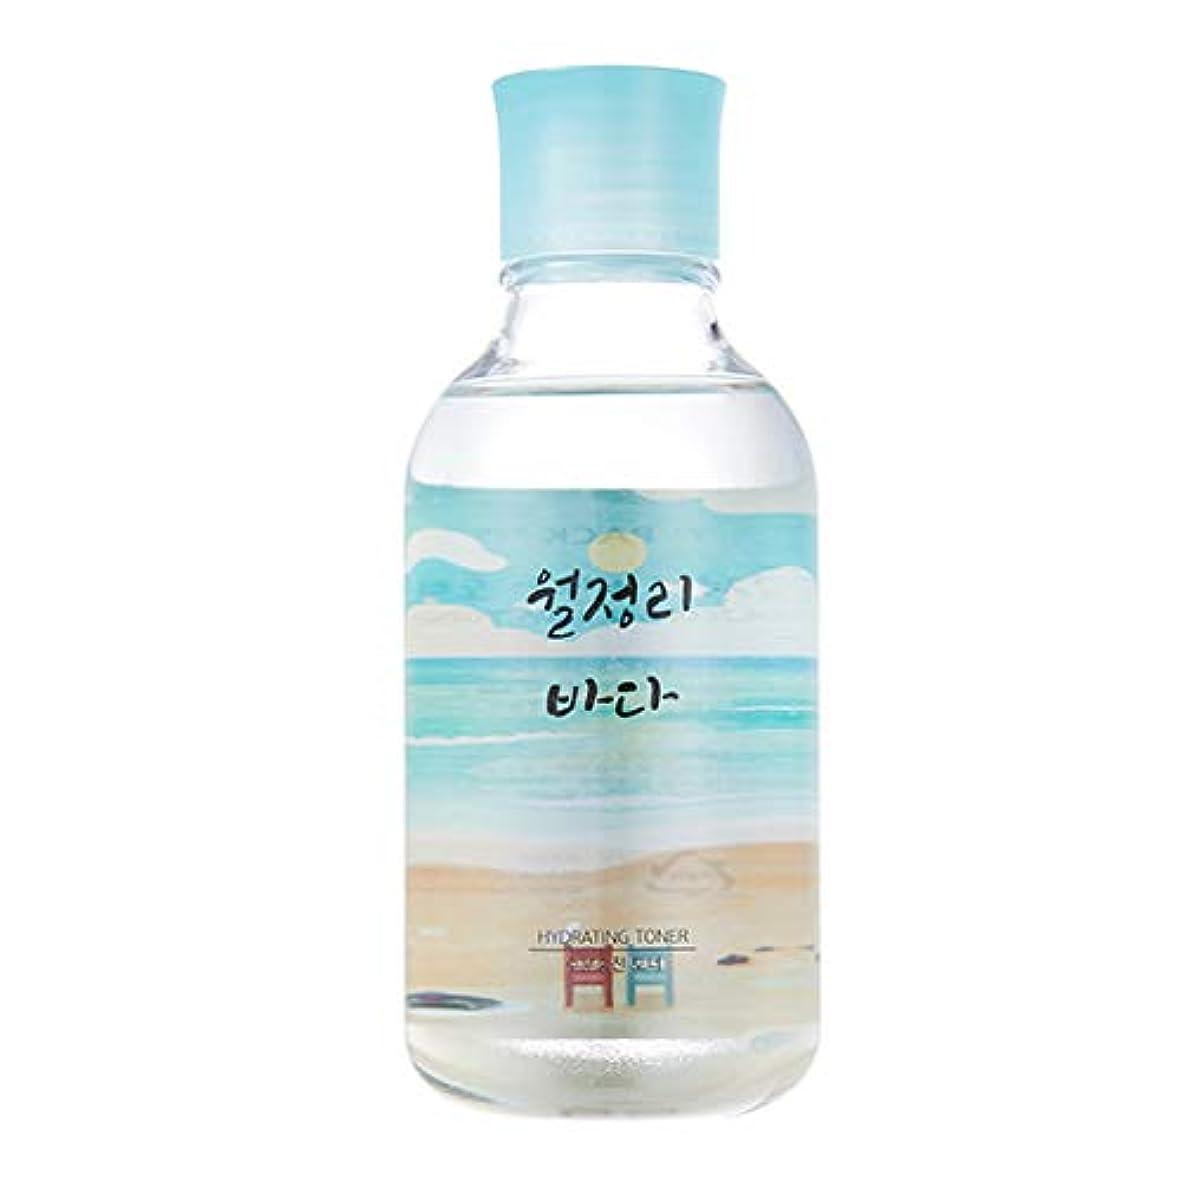 のぞき穴衣類雑多な【PACKAGE】Jeju Mineral Moist Toner 済州 ミネラル 保湿 化粧水 人気 ランキング 美白 おすすめ プチプラ トナー